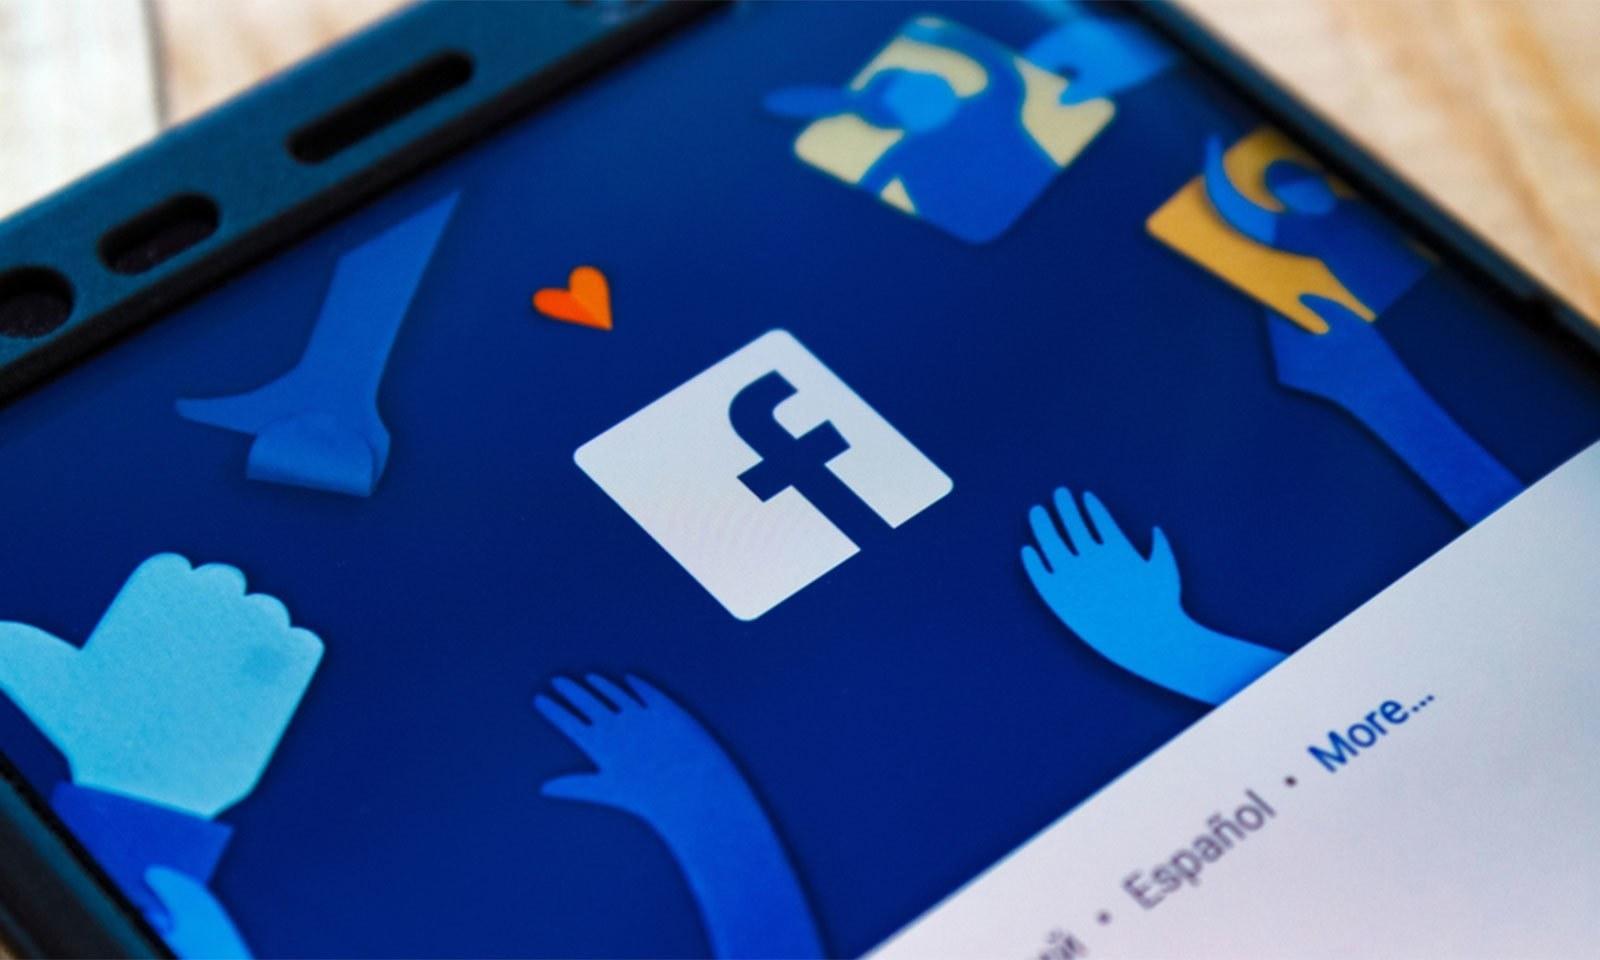 فیس بک کے ماہانہ صارفین کی تعداد ڈھائی ارب بھی نہیں — شٹر اسٹاک فوٹو